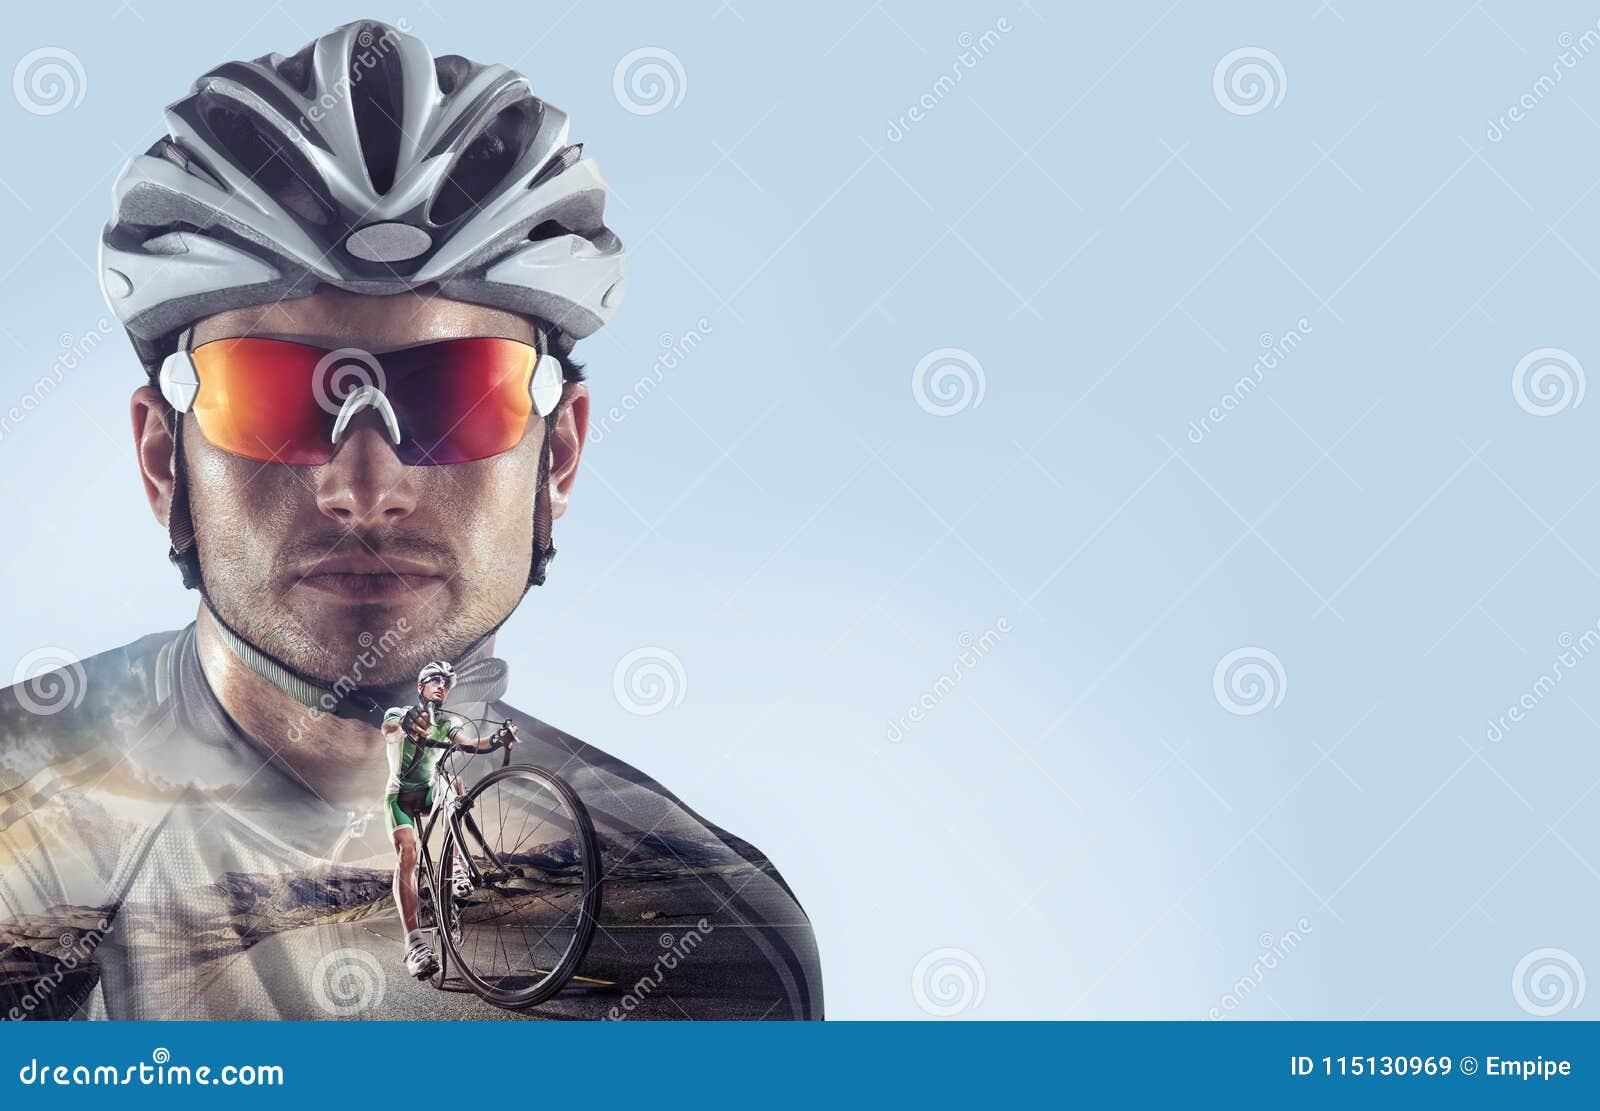 Milieux de sport Portrait héroïque de cycliste